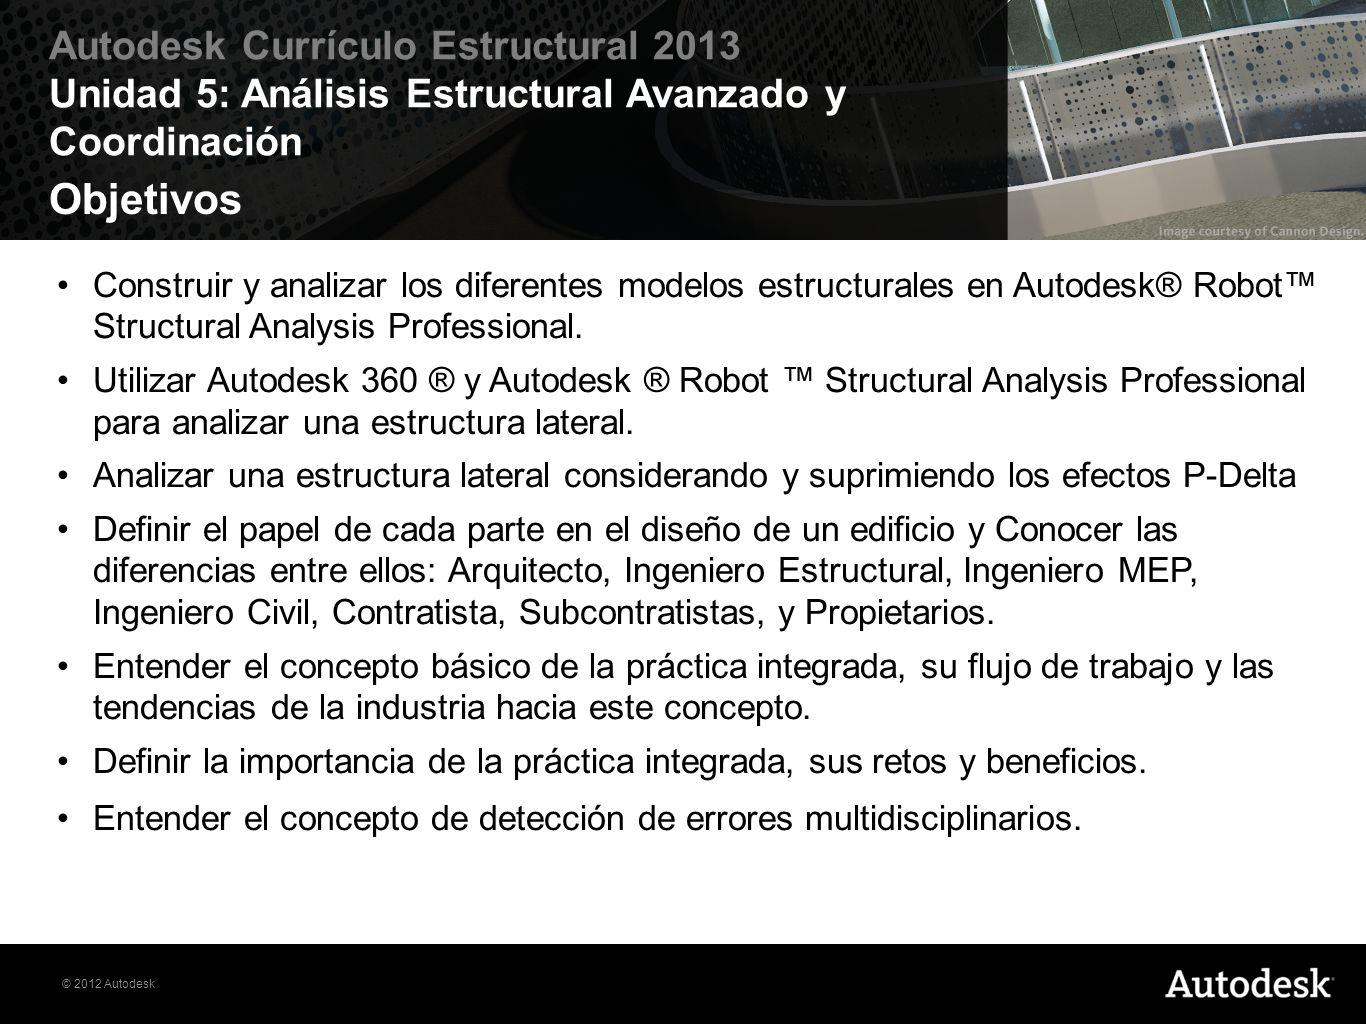 Objetivos Construir y analizar los diferentes modelos estructurales en Autodesk® Robot™ Structural Analysis Professional.